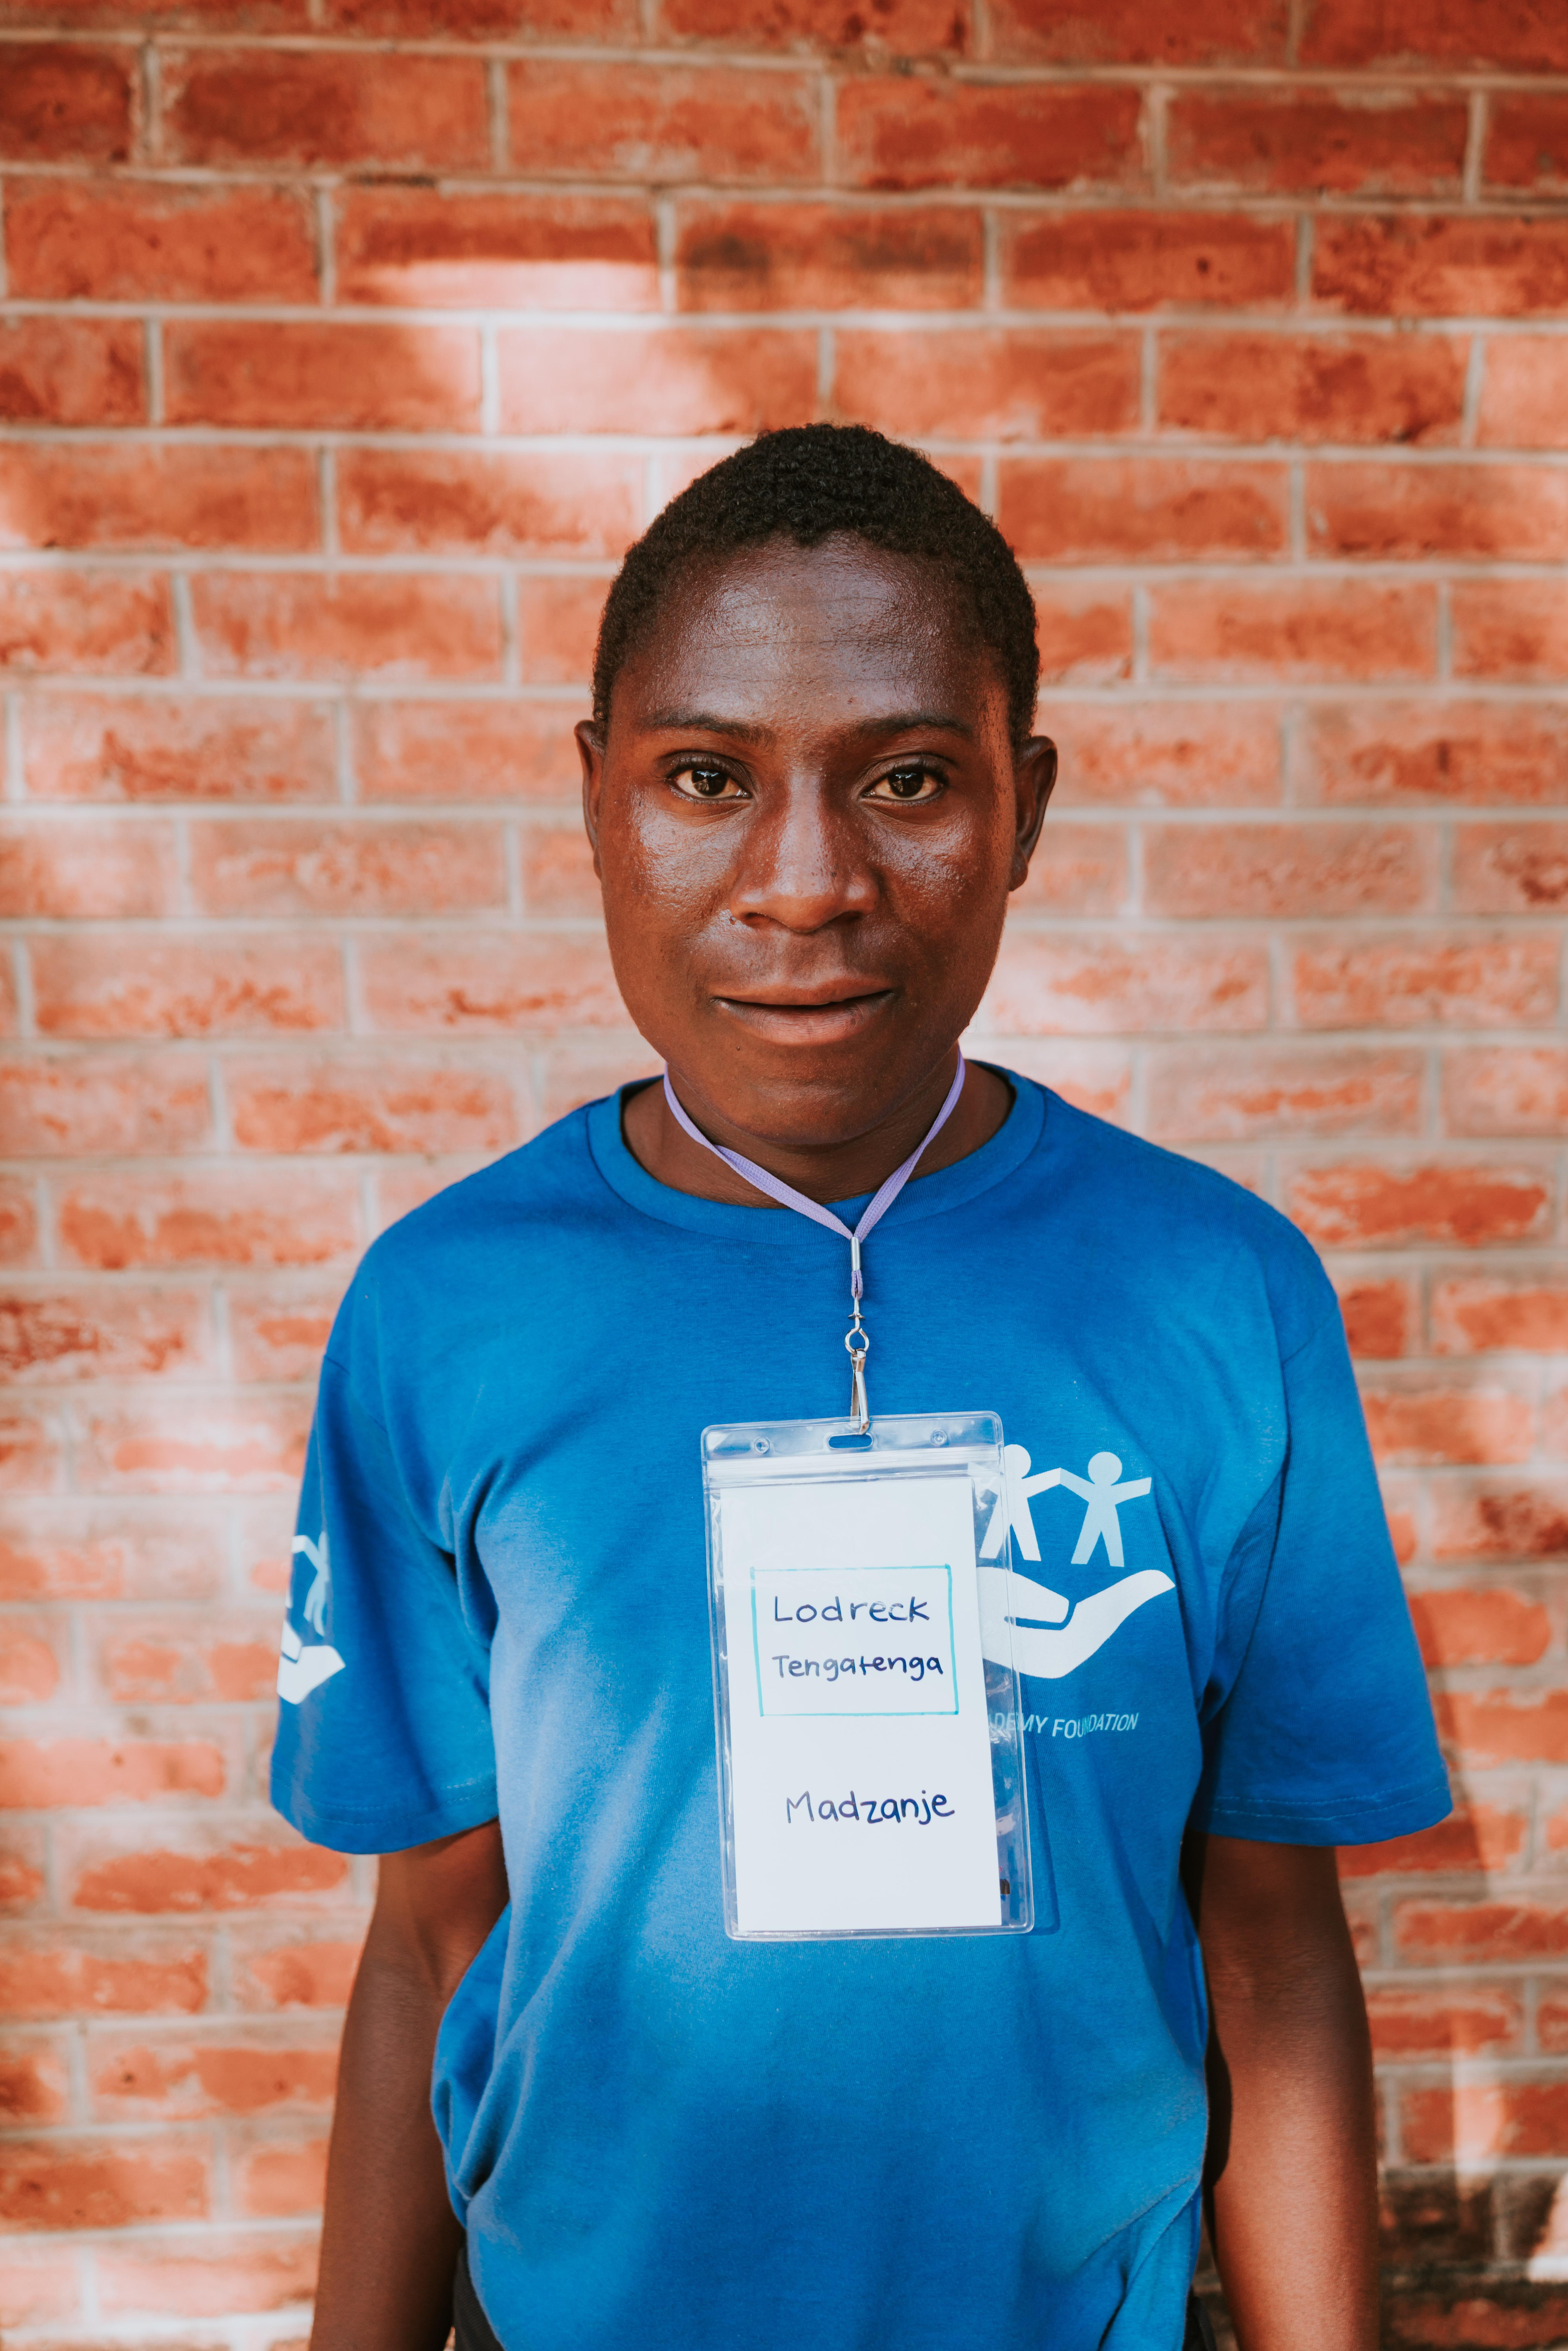 Lodreck Tengatenga (Madzanje CDSS)